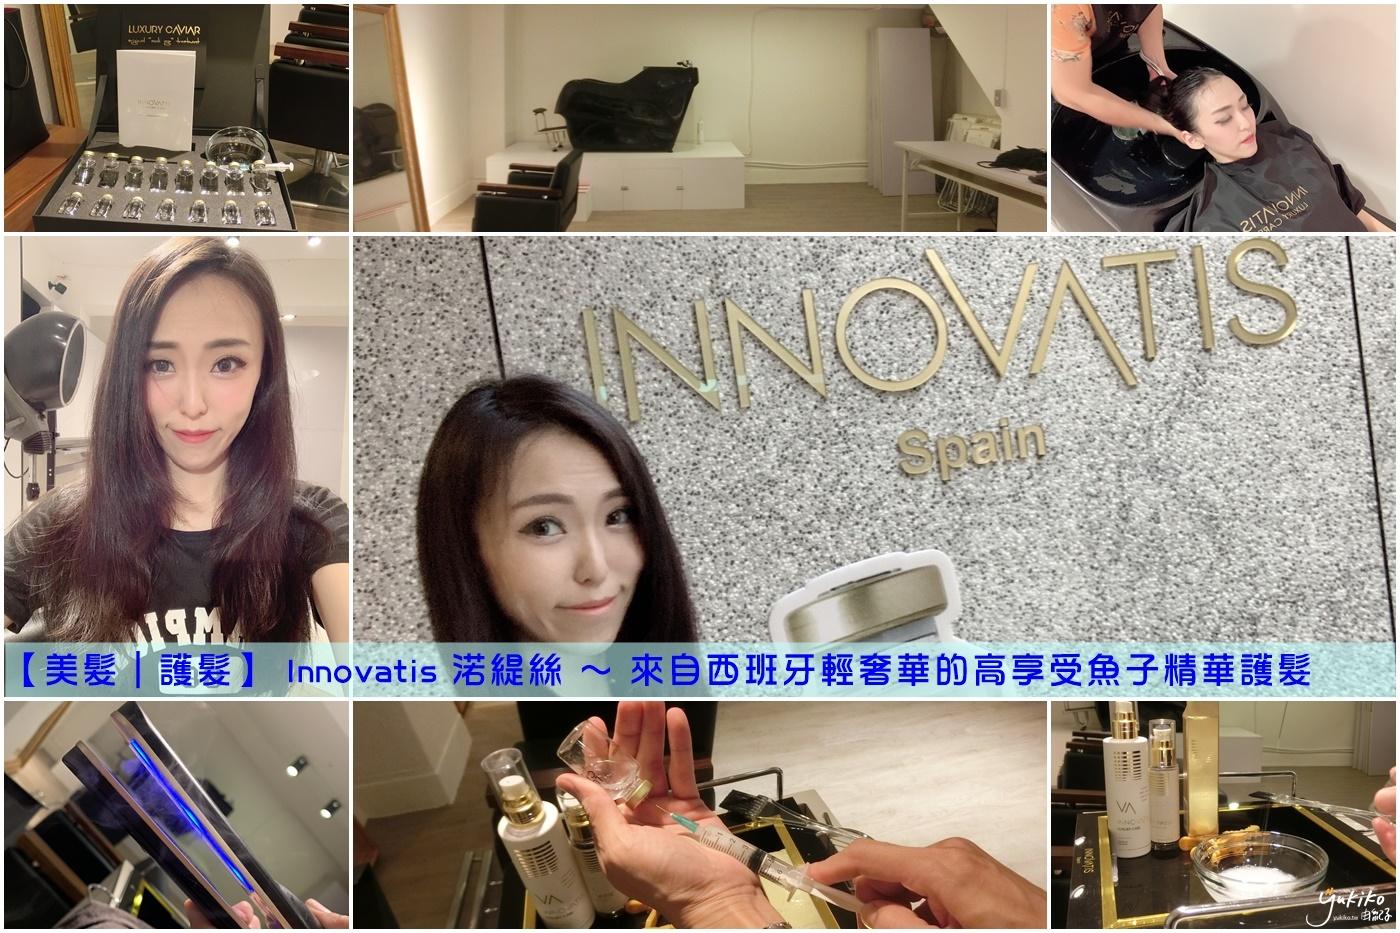 【台北市 美髮】Innovatis渃緹絲~歐盟認證頂級髮品,西班牙皇室御用魚子精華BTX抗齡液護髮